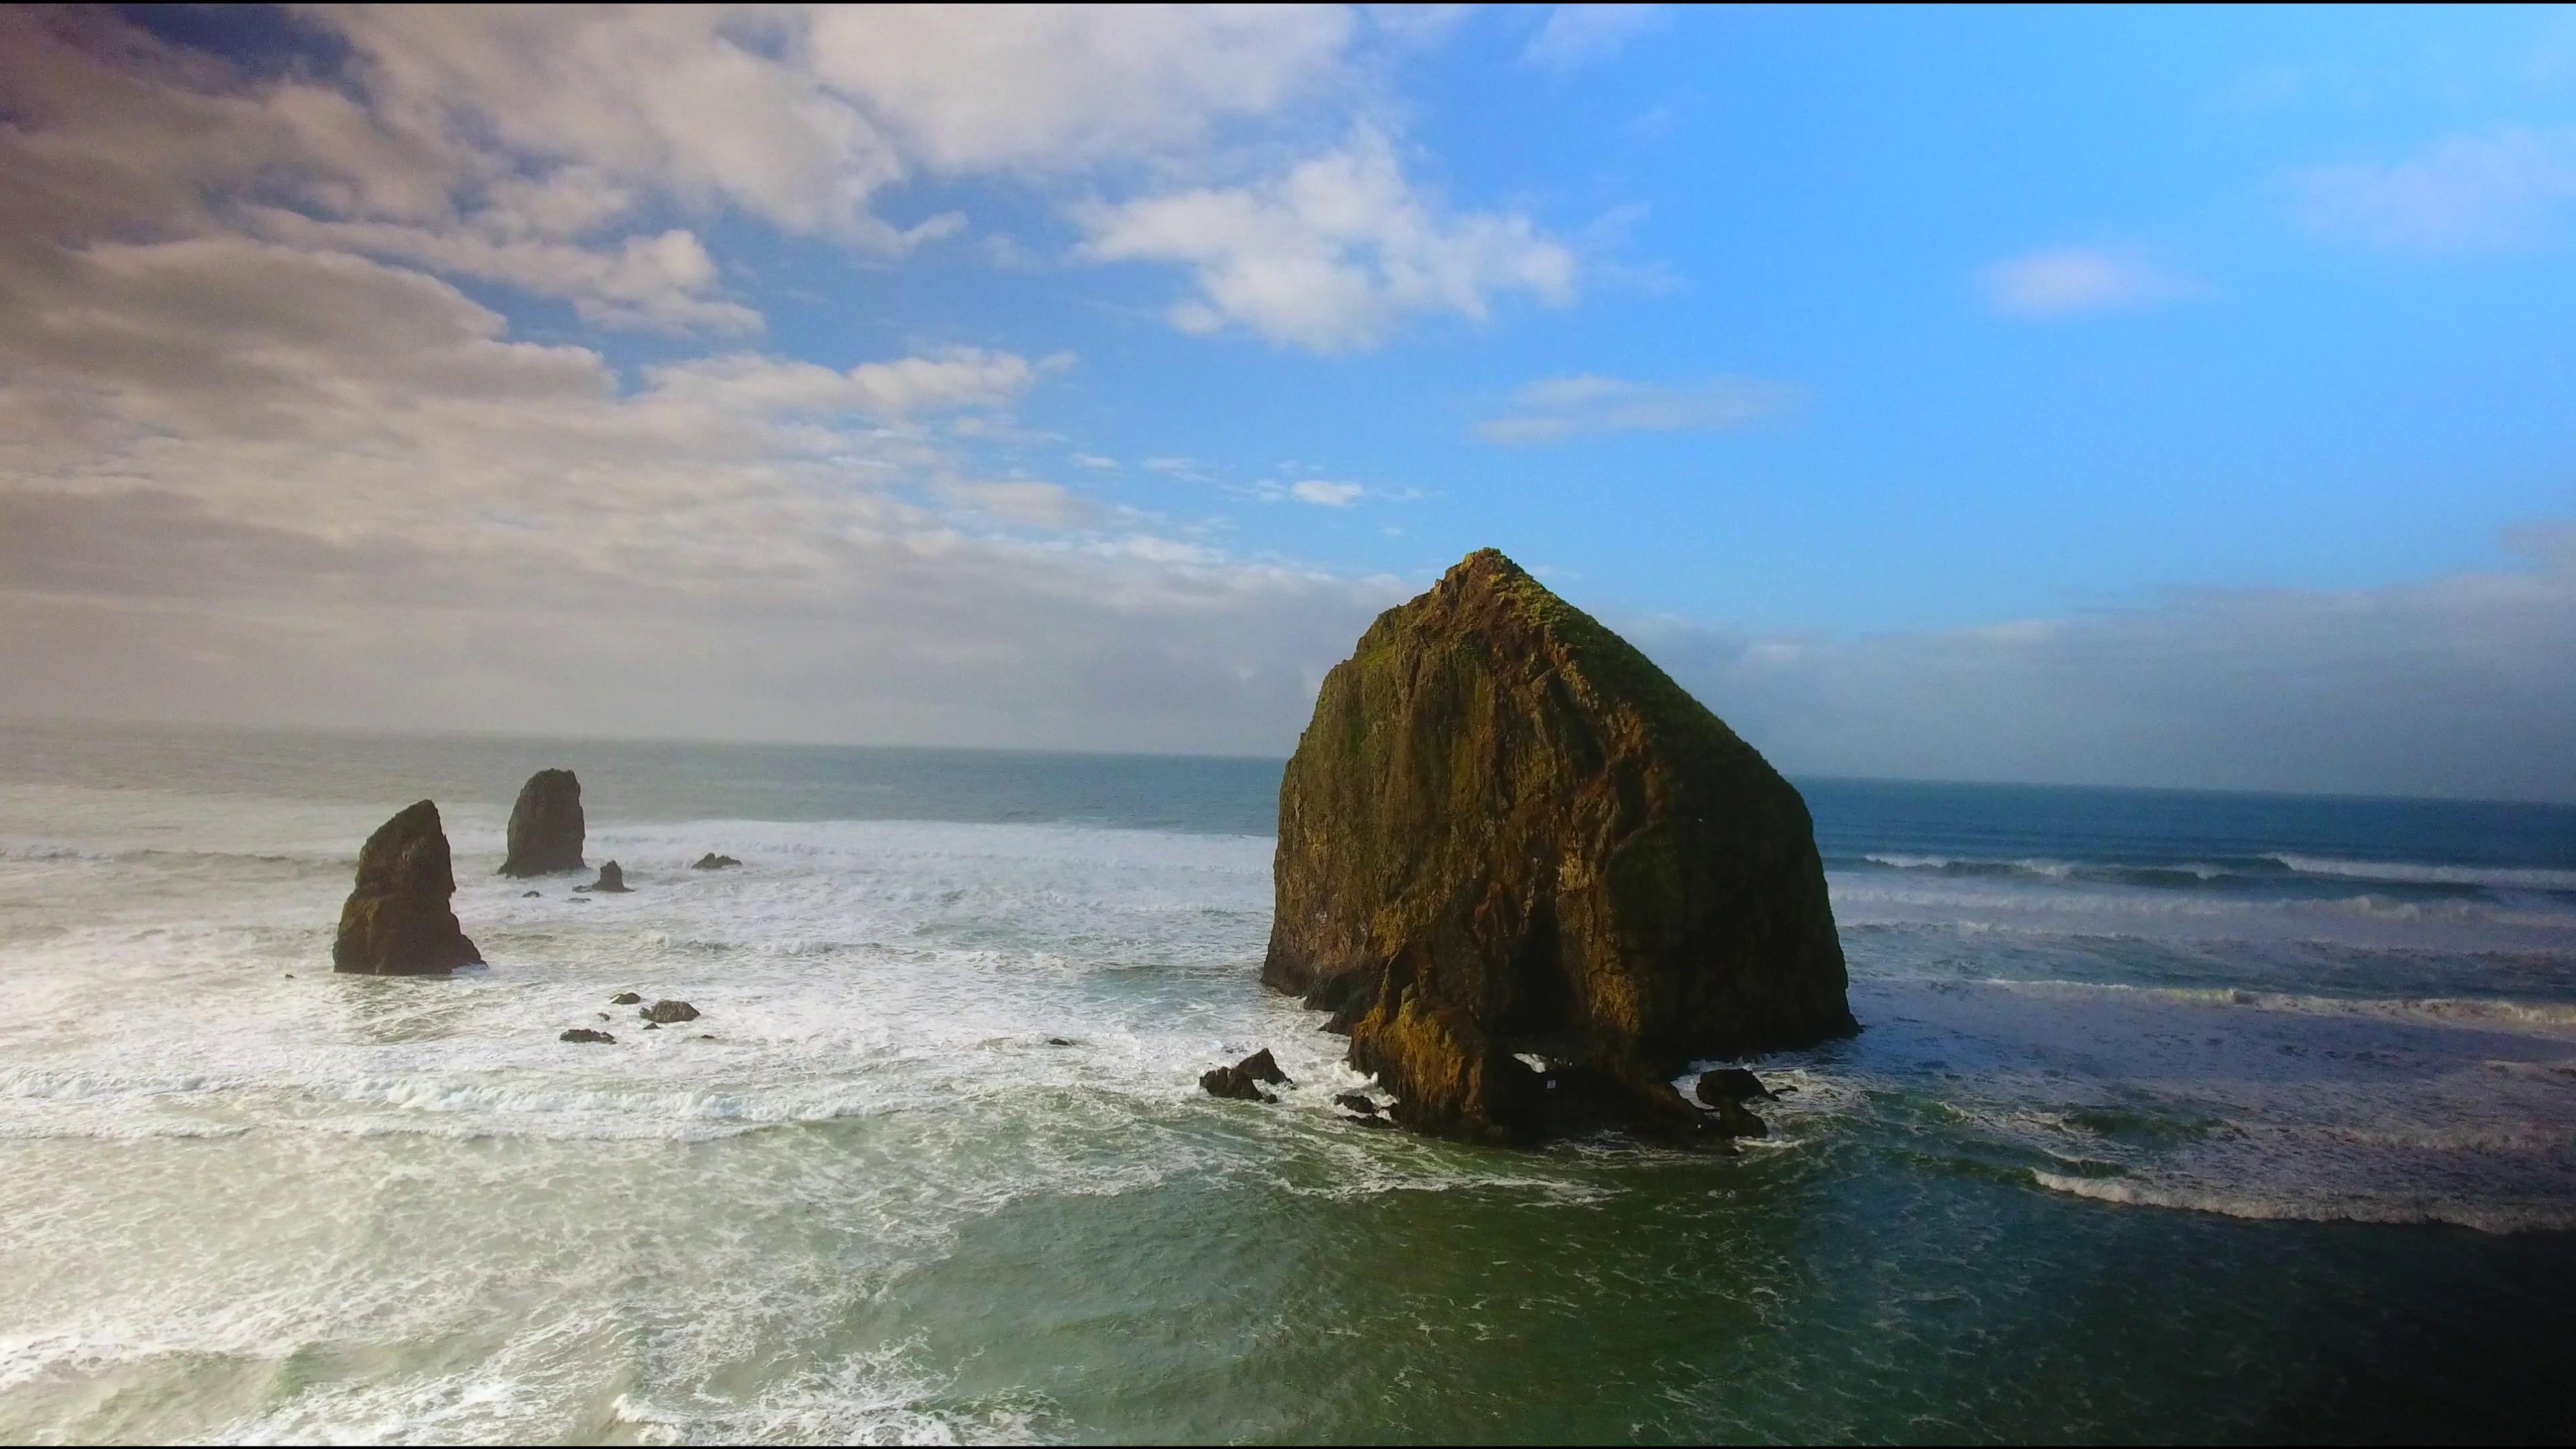 多云天空壮阔海面浪花冲击岩石高清实拍